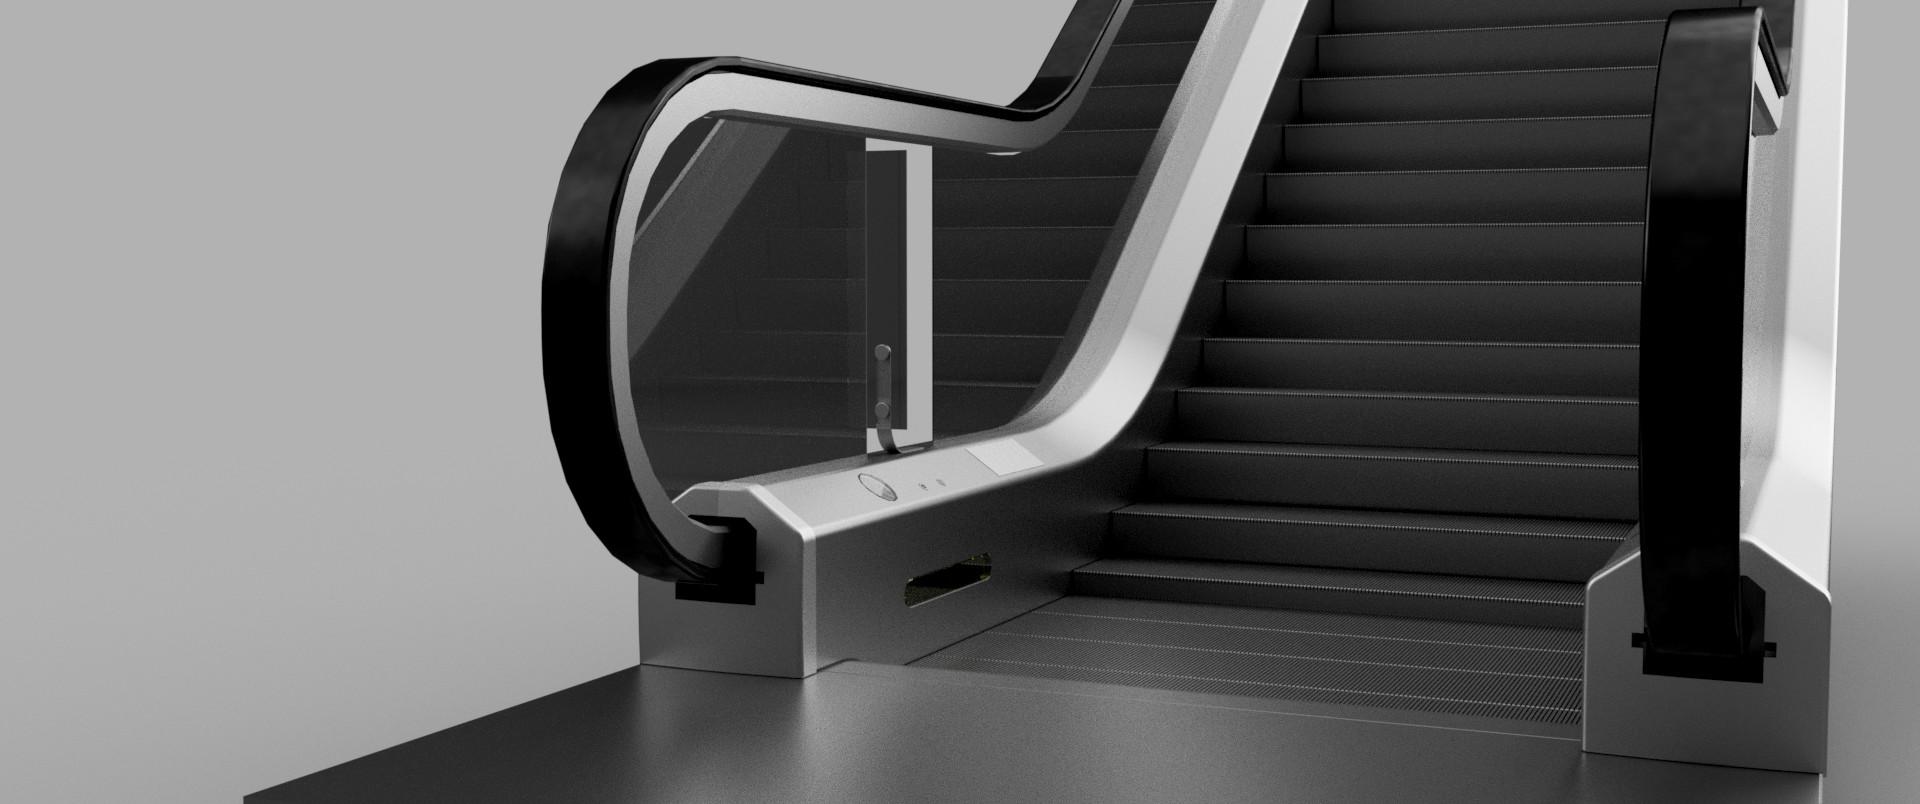 Alexei dmitriev escalator 02